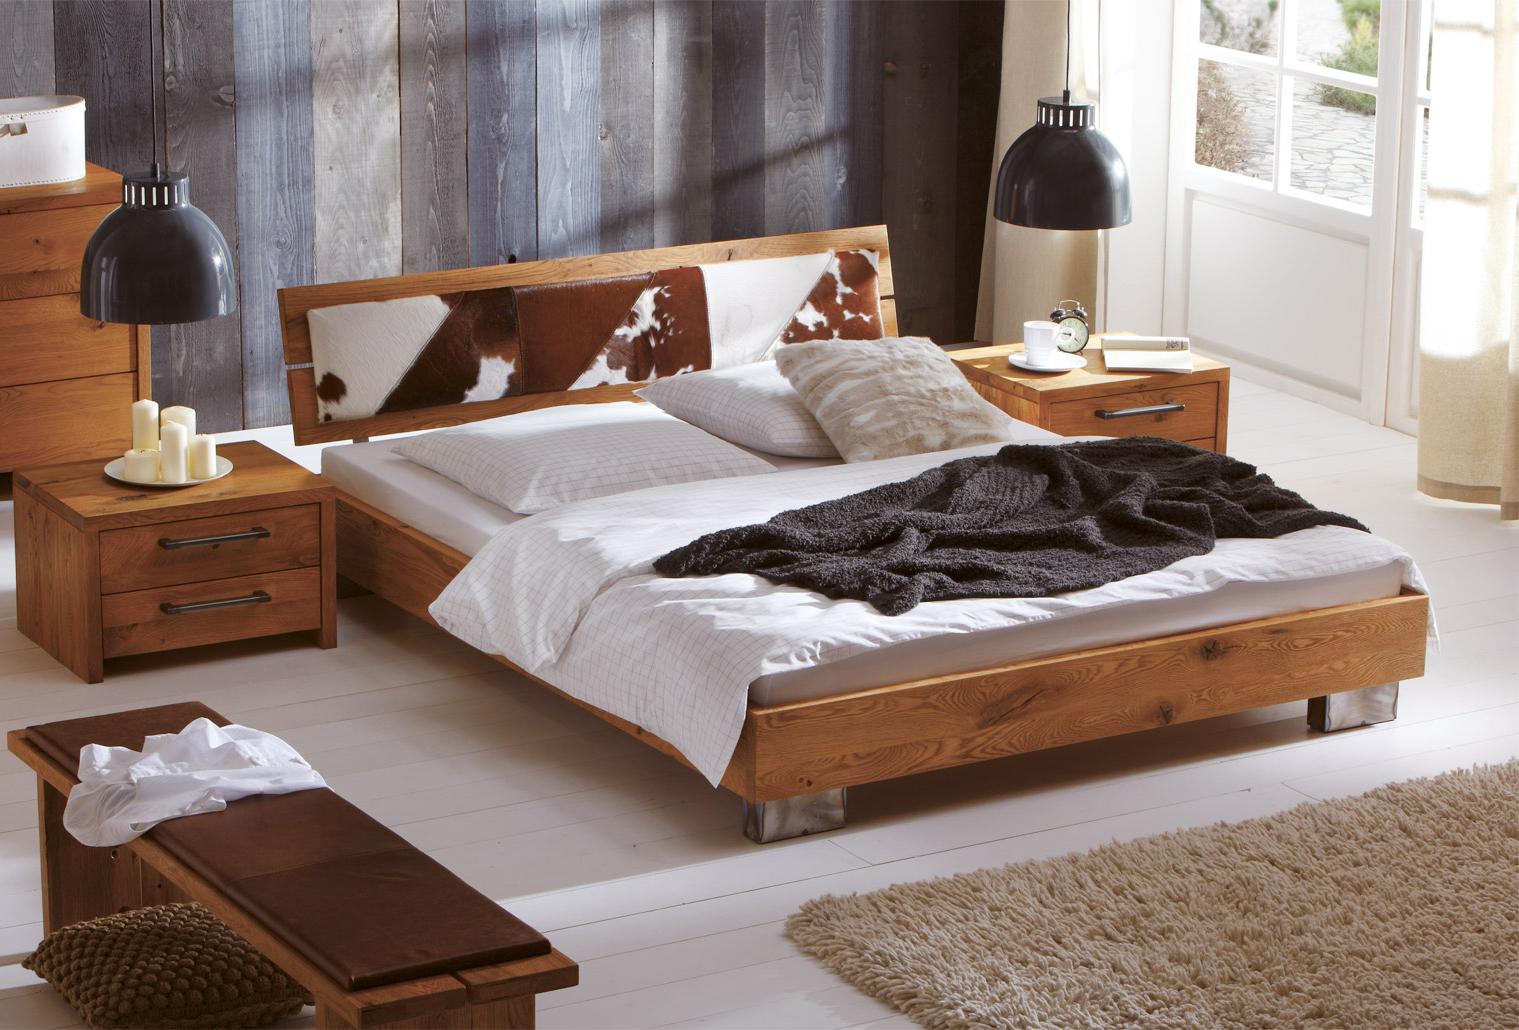 informationen über die bettentrends 2013 von der imm in köln - Trends Schlafzimmereinrichtung Tipps